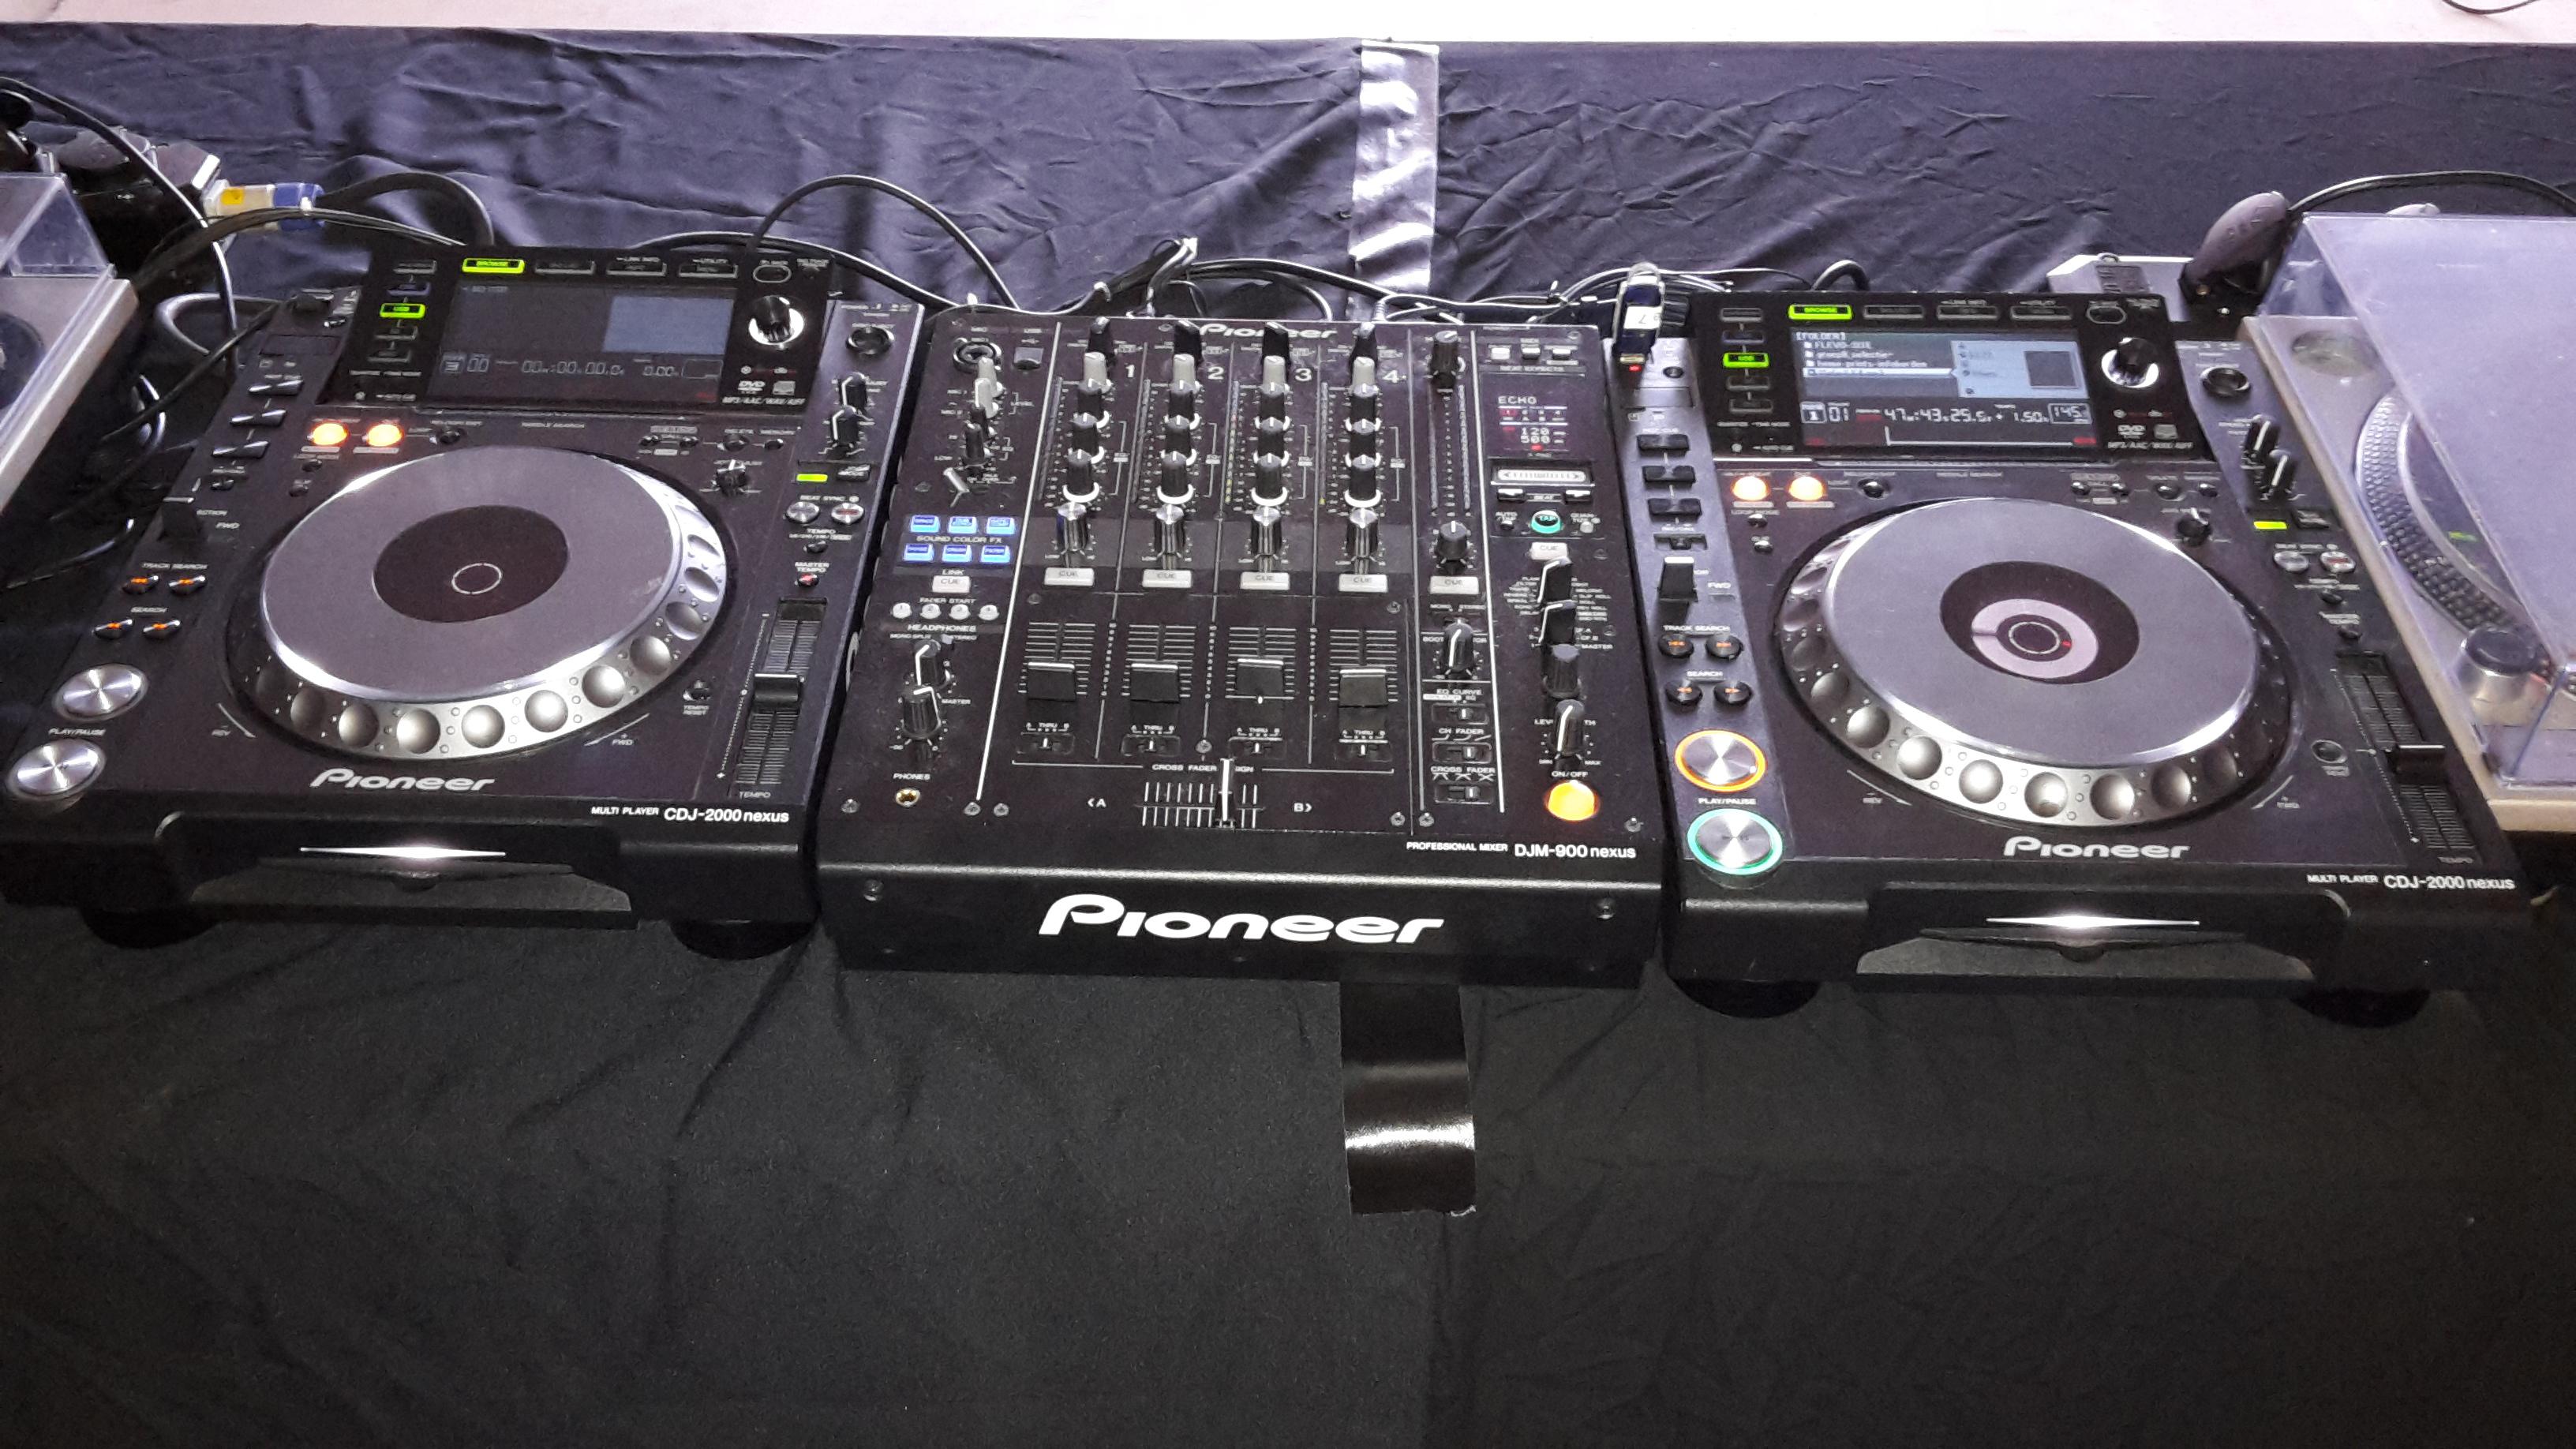 CDJ 2000 Nexus & DJM900 Mixer